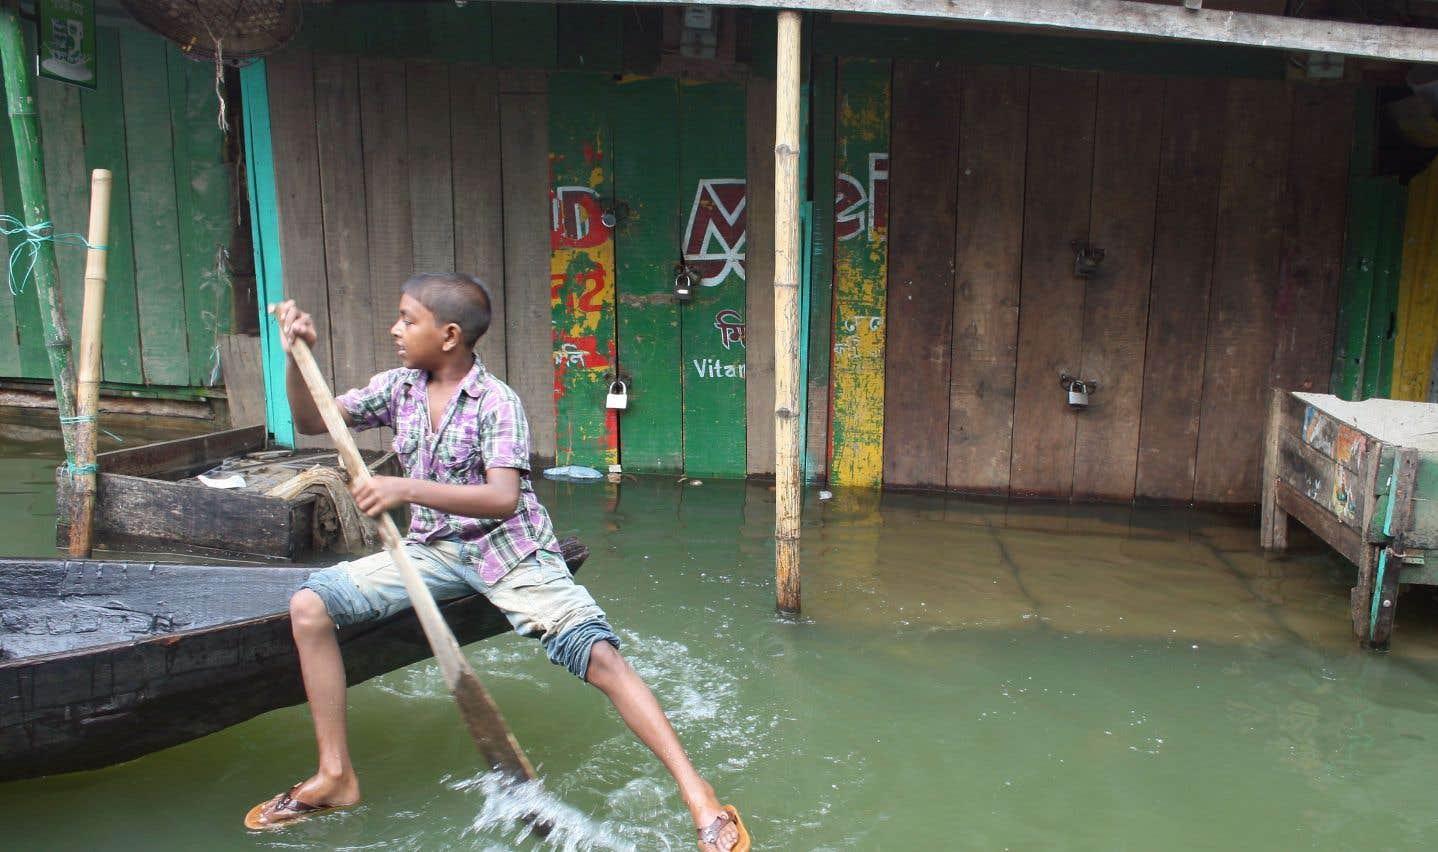 80% du territoire du Bangladesh est constitué de plaines inondables. Chaque année au moment des crues, le tiers du pays disparaît sous les eaux.